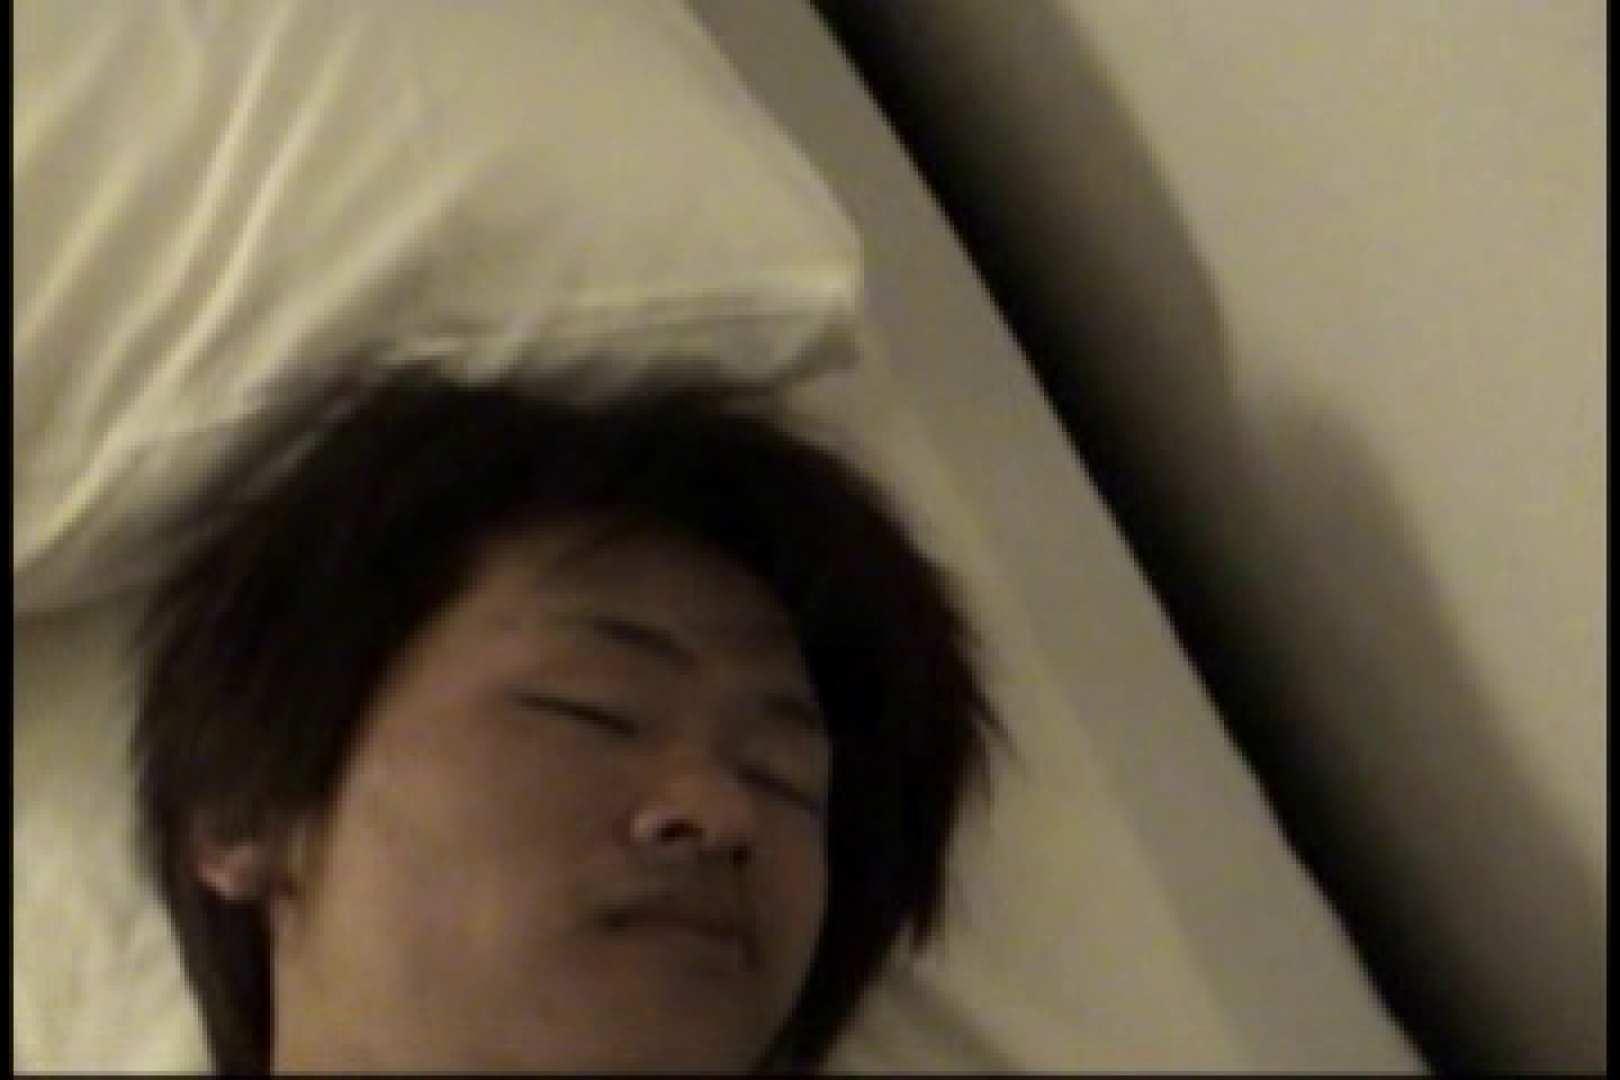 三ッ星シリーズ!!イケメン羞恥心File.9 三ツ星盗撮 ゲイエロ動画 104pic 53